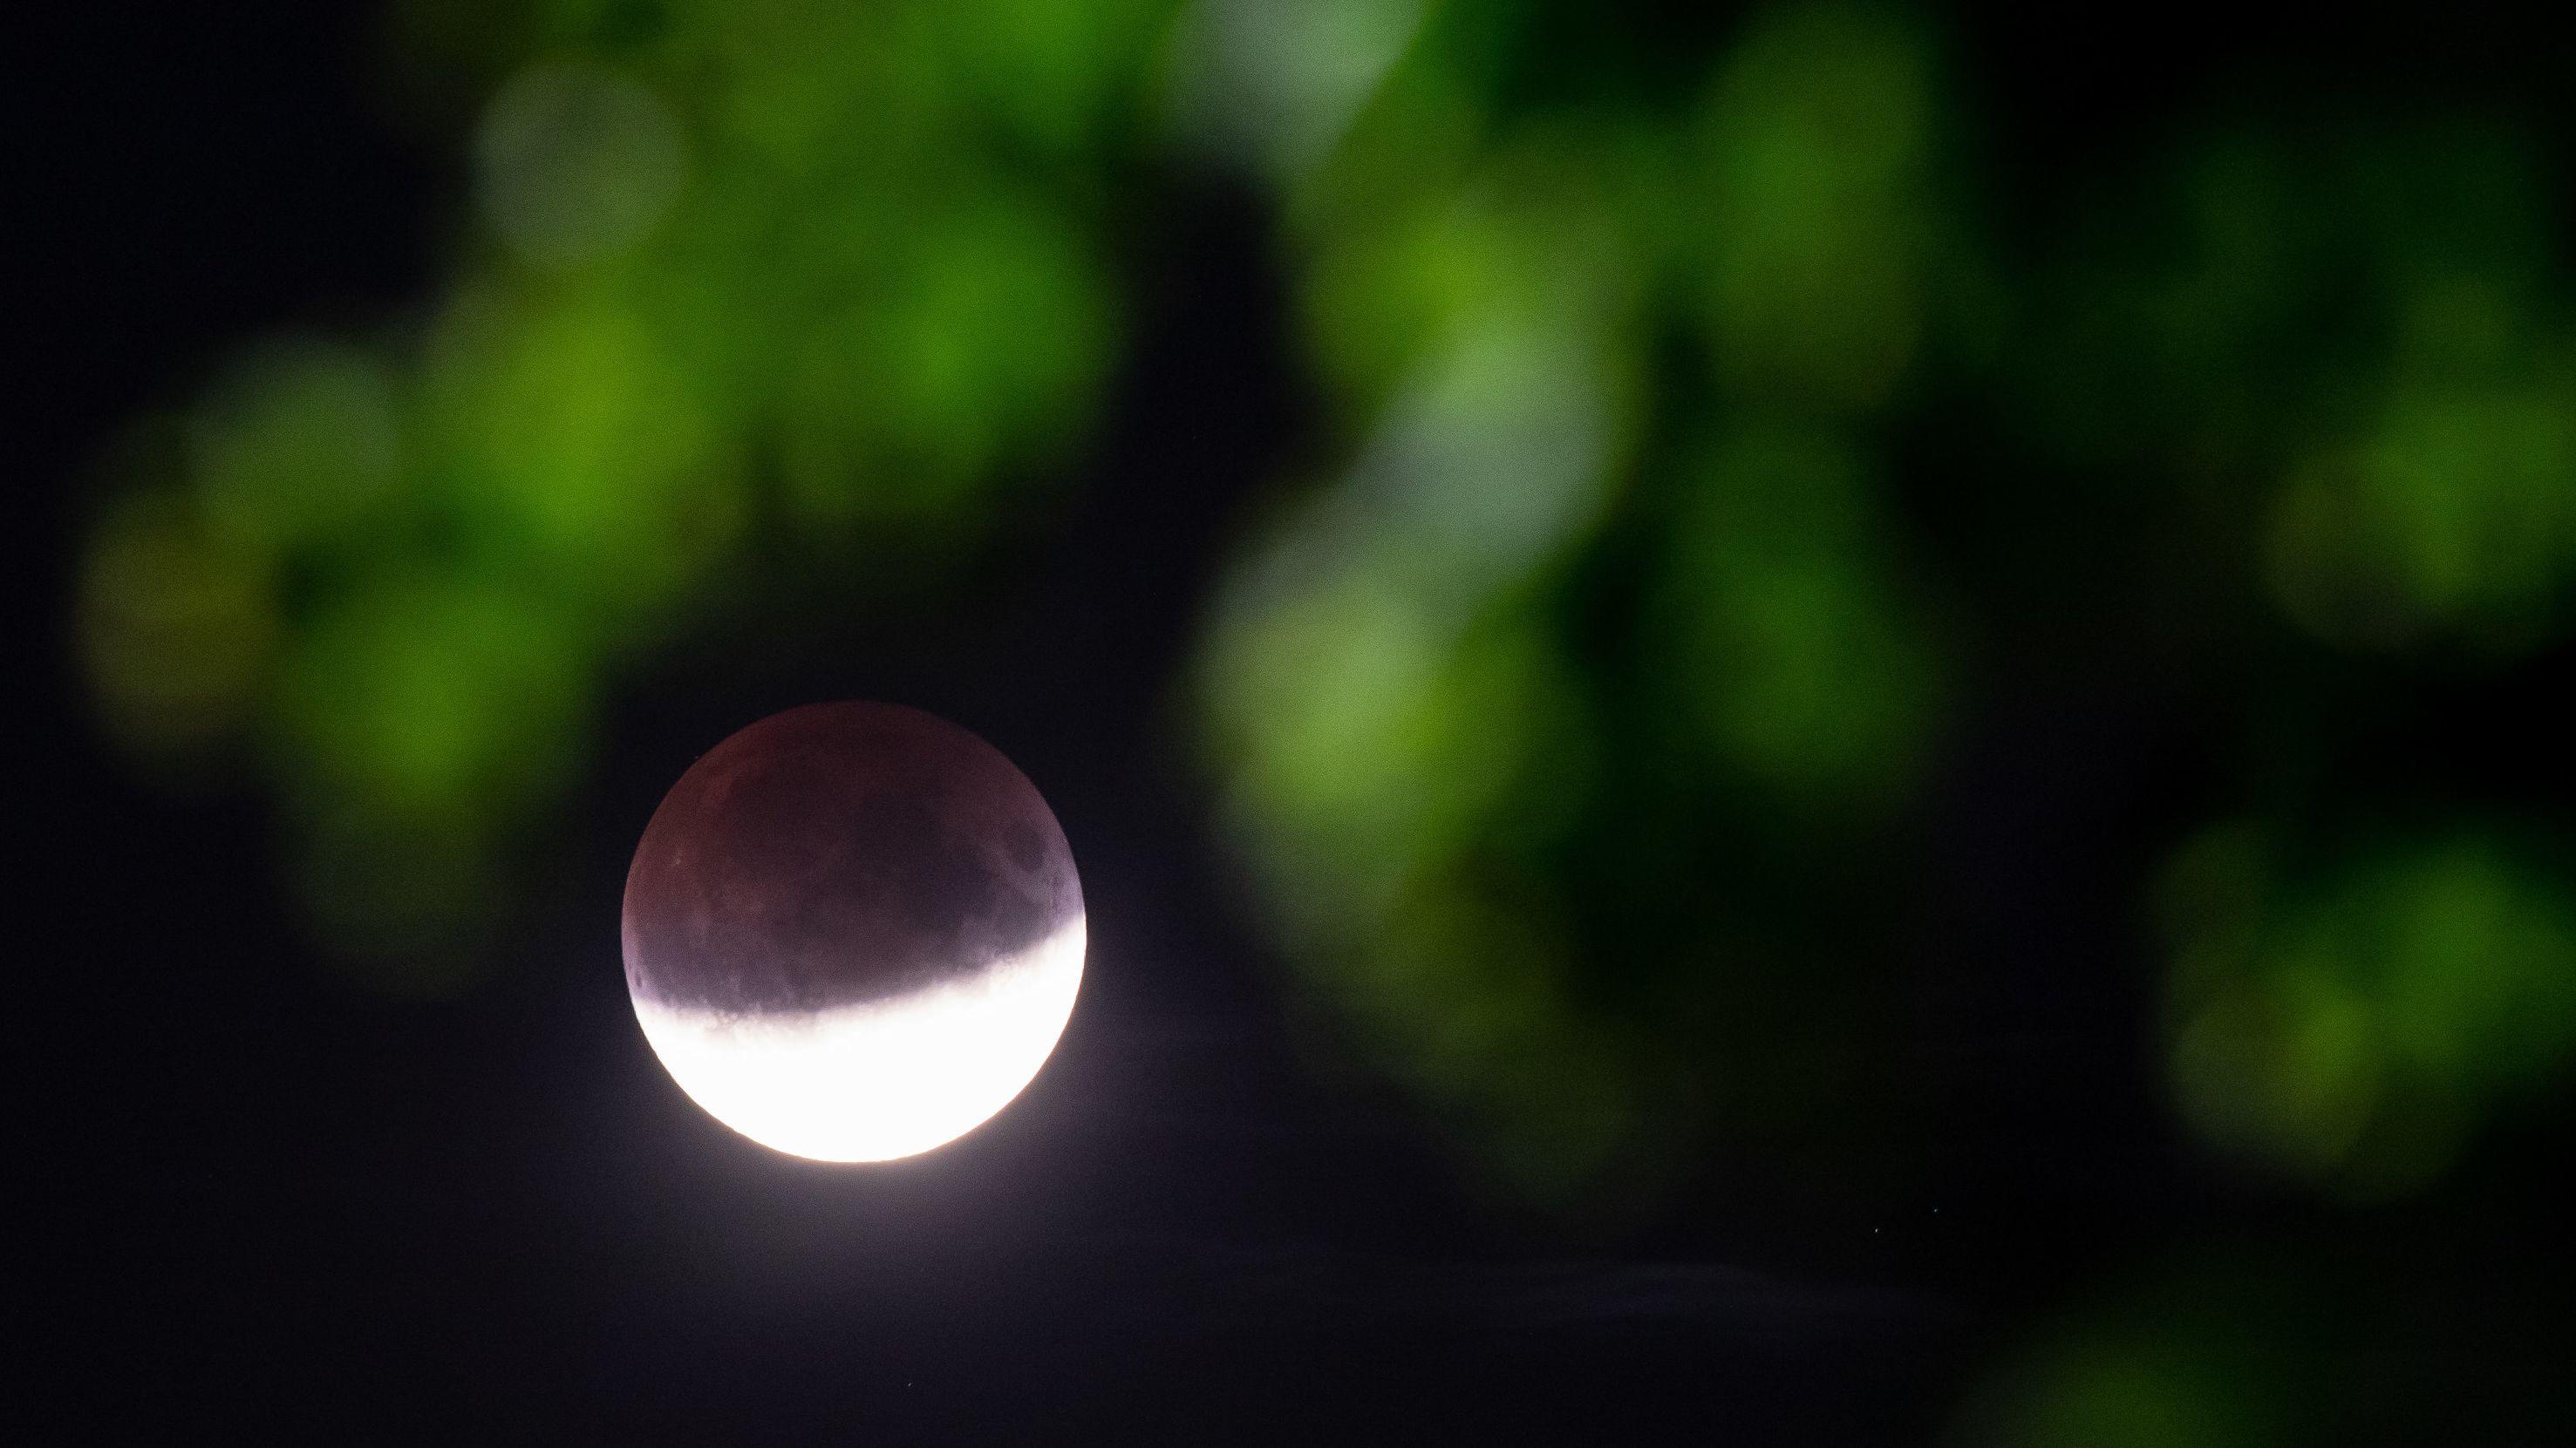 Recklinghausen: Der Mond ist während einer partiellen Mondfinsternis hinter einem Ast mit Blättern zu sehen.